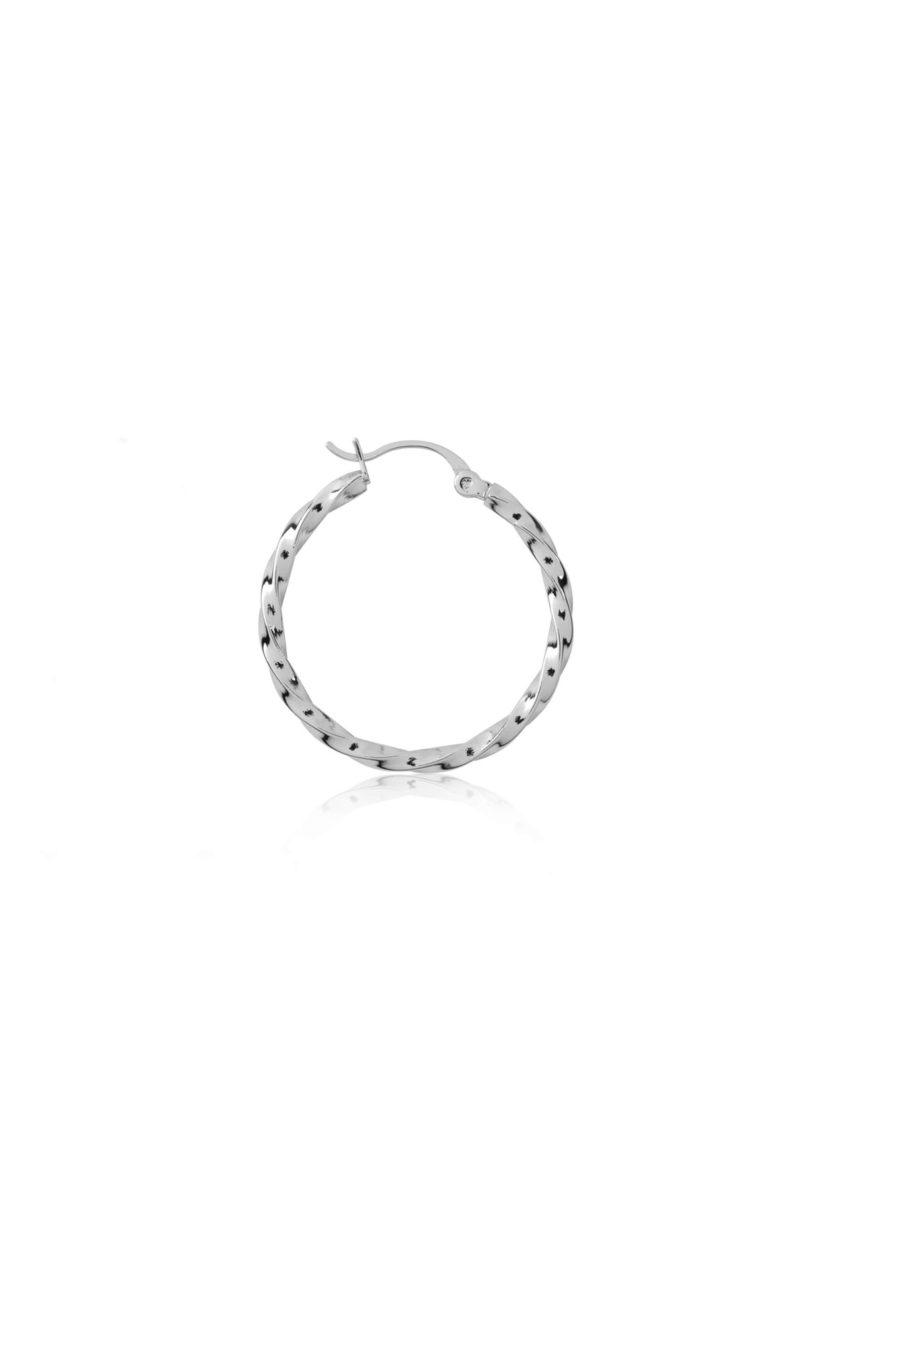 T.I.T.S. - Twist Hoop Medium, Silver